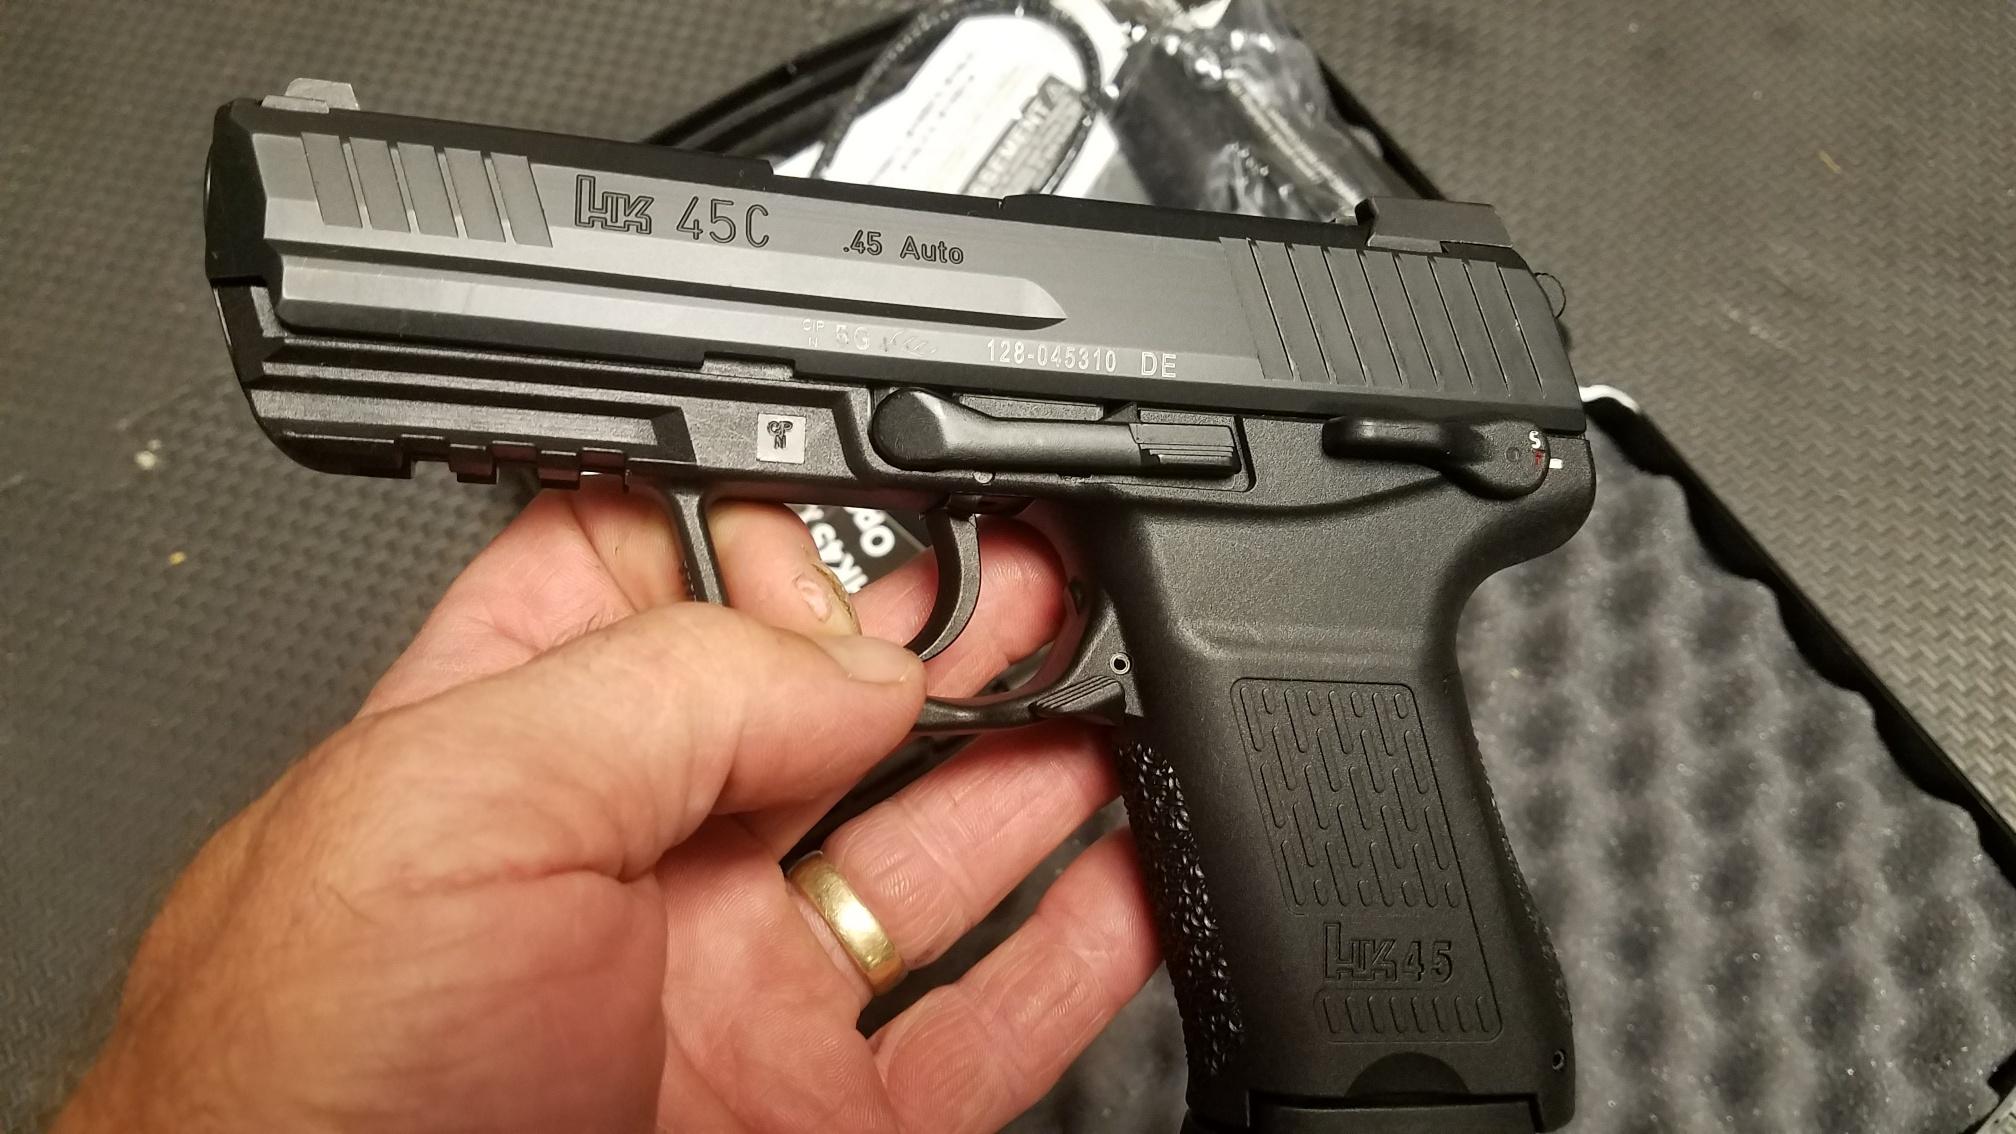 WTS: HK45C pistol-617077413_20200803_153755_2816583_resized.jpg